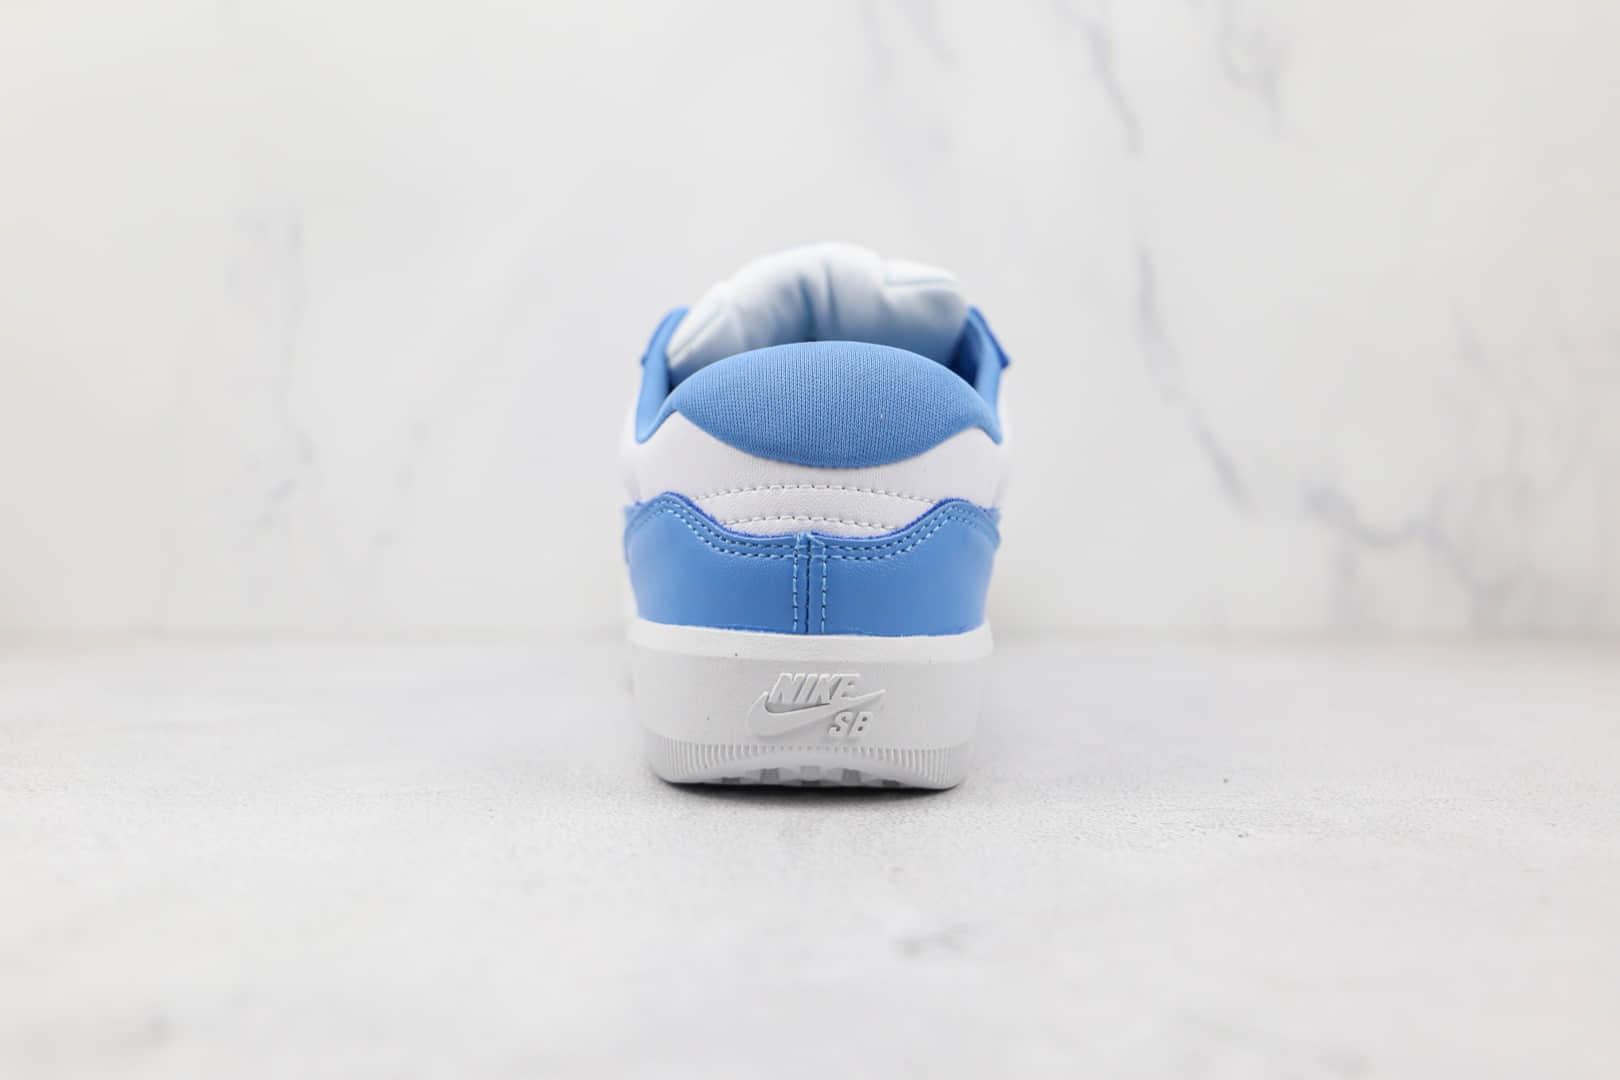 耐克Nike SB Force 58系列纯原版本白蓝色SB滑板鞋原鞋开模一比一打造 货号:CZ2959-441